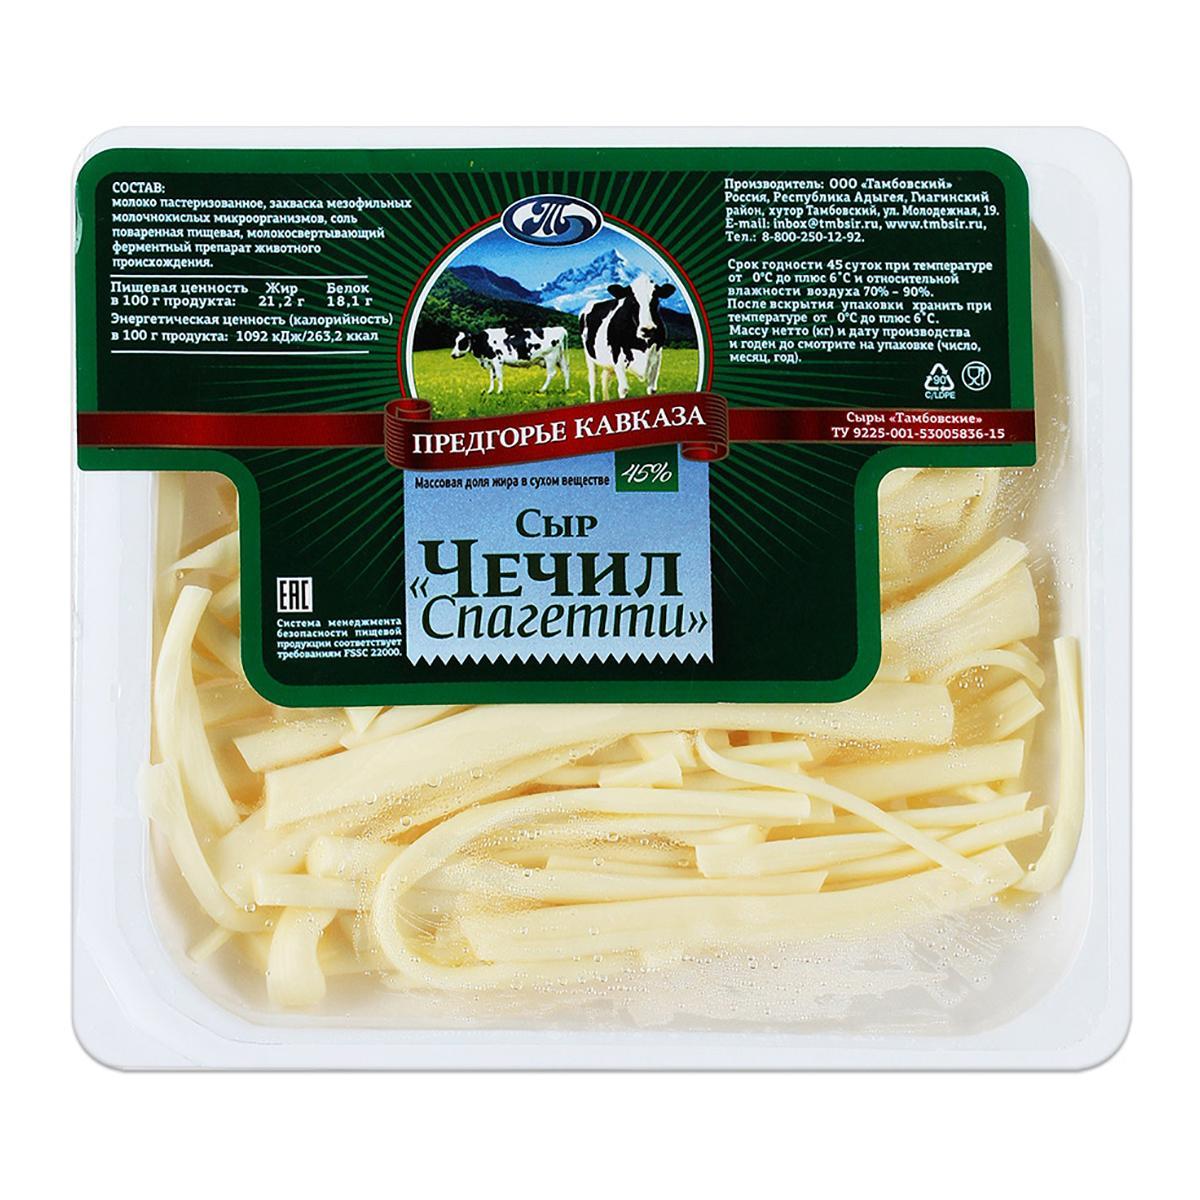 Сыр Предгорье Кавказа Чечил